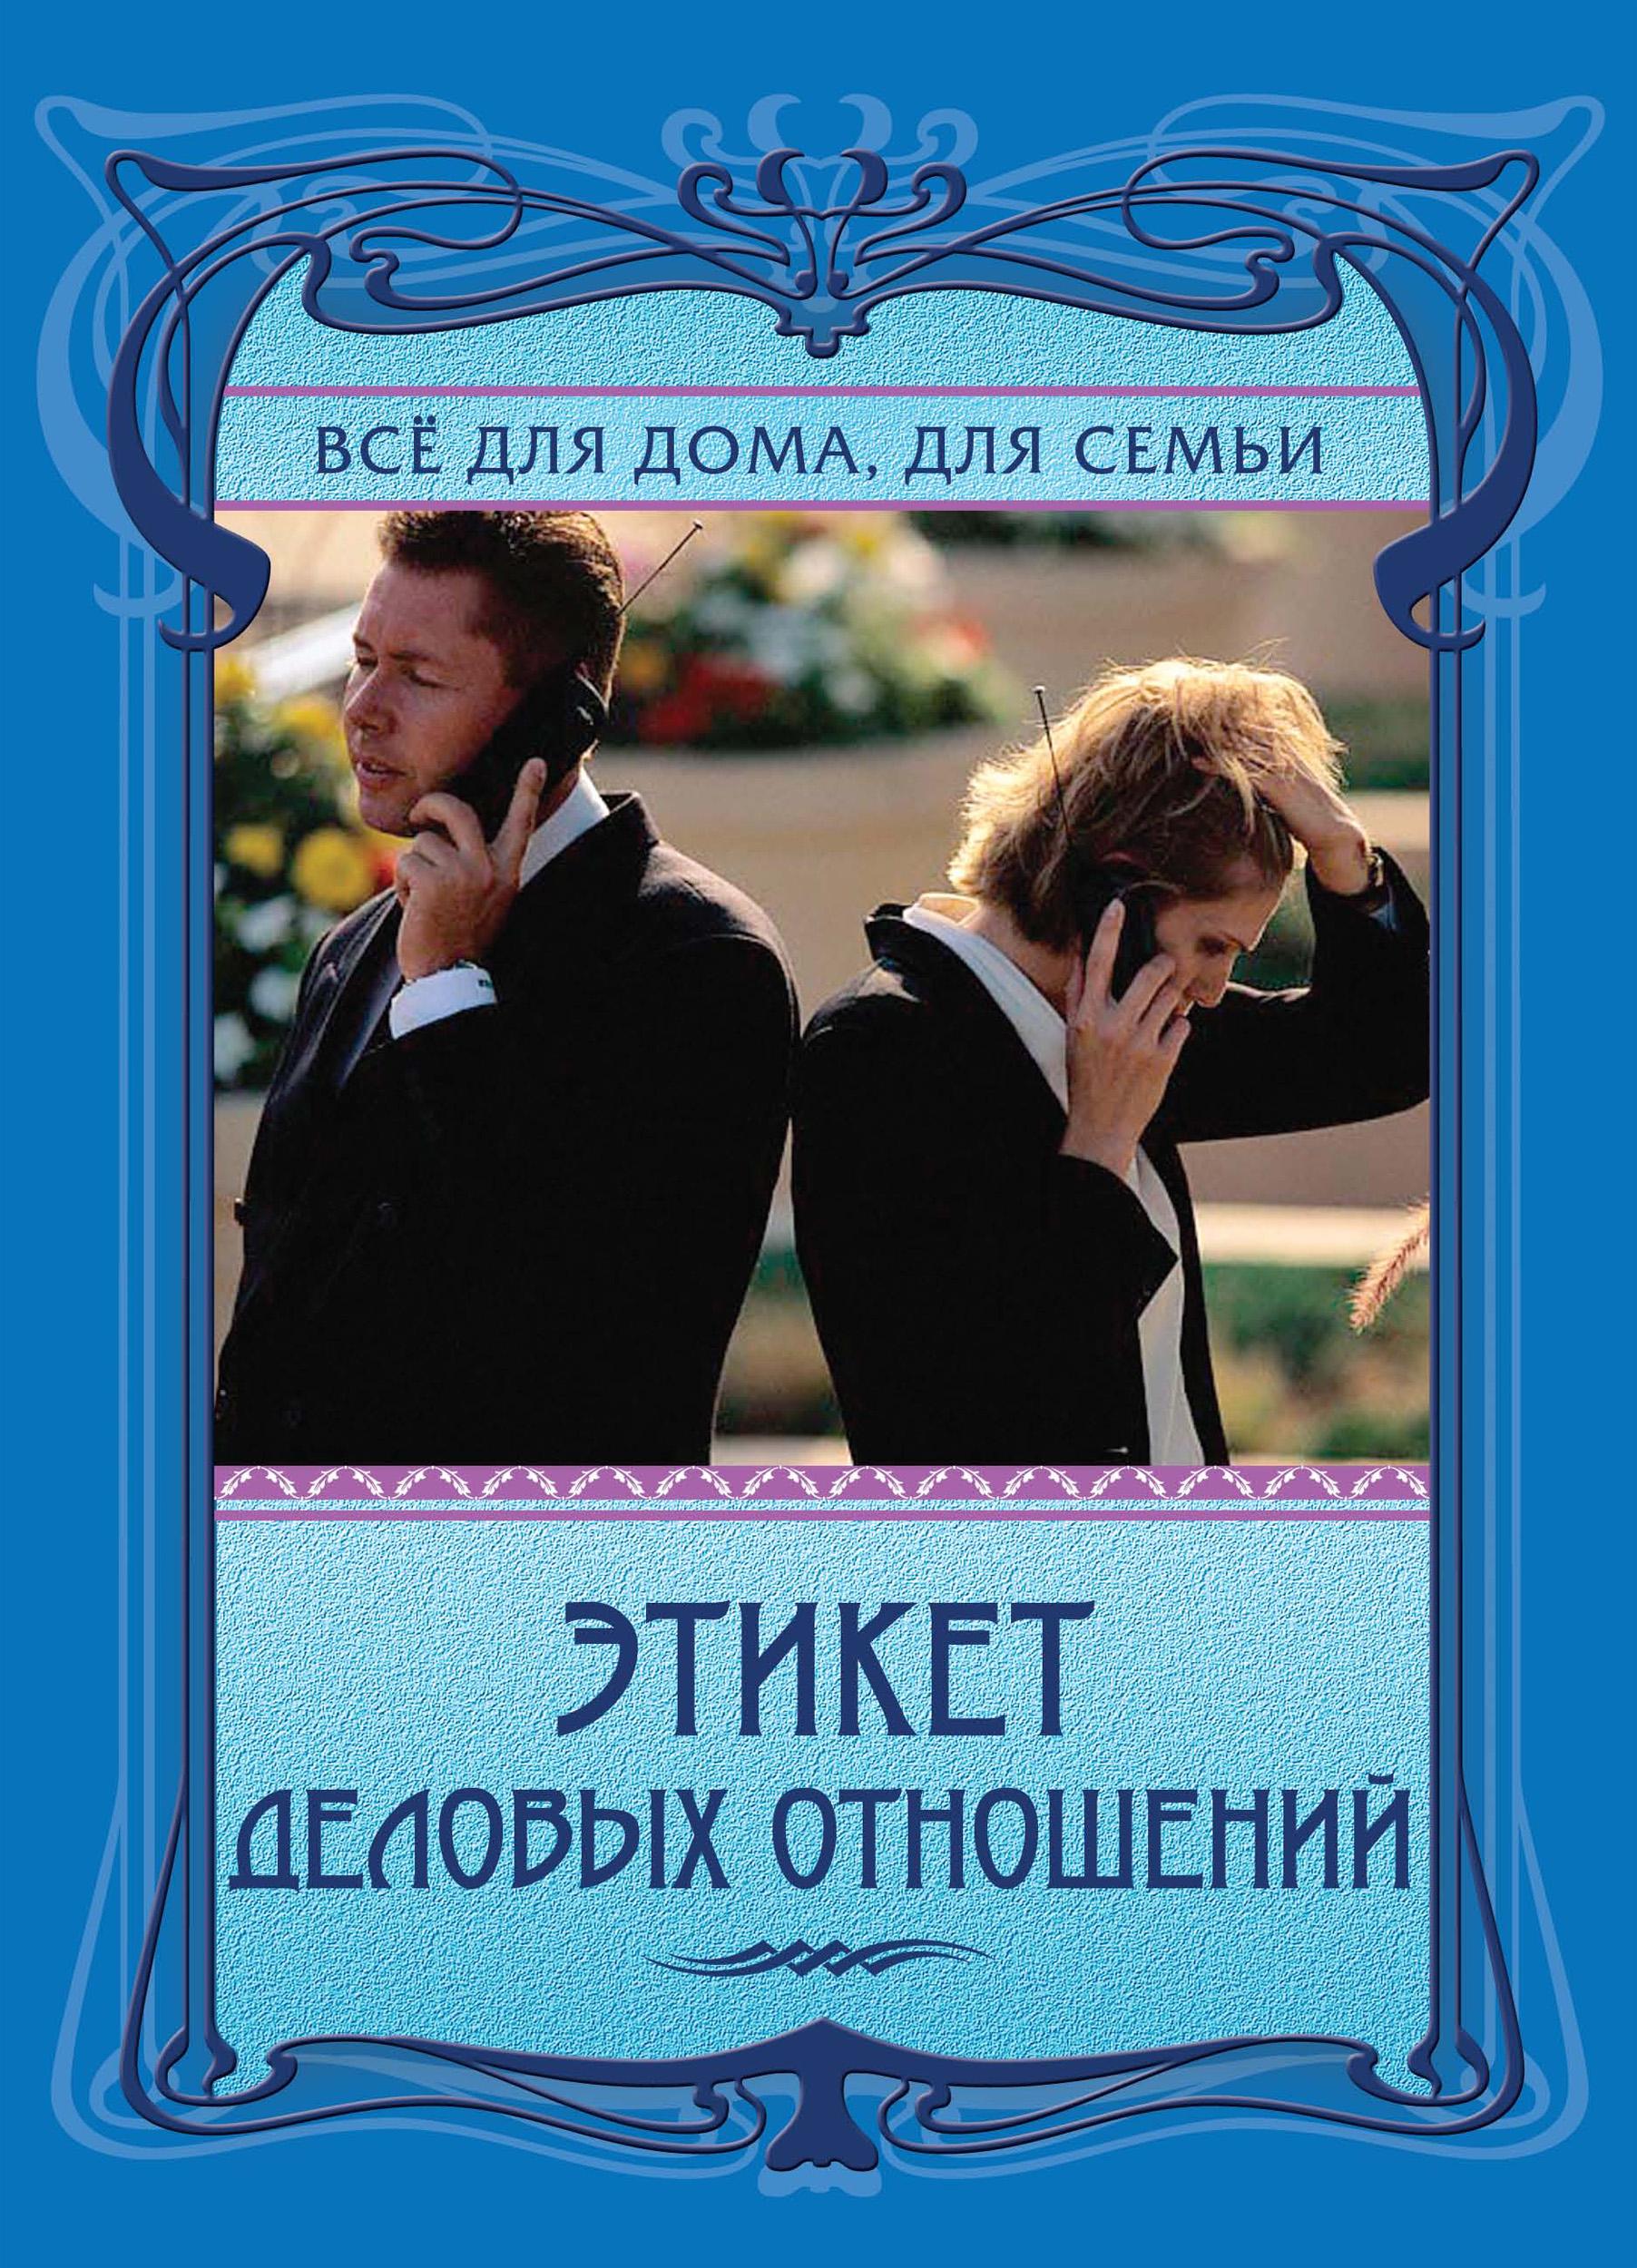 Обложка книги. Автор - Анна Егорова